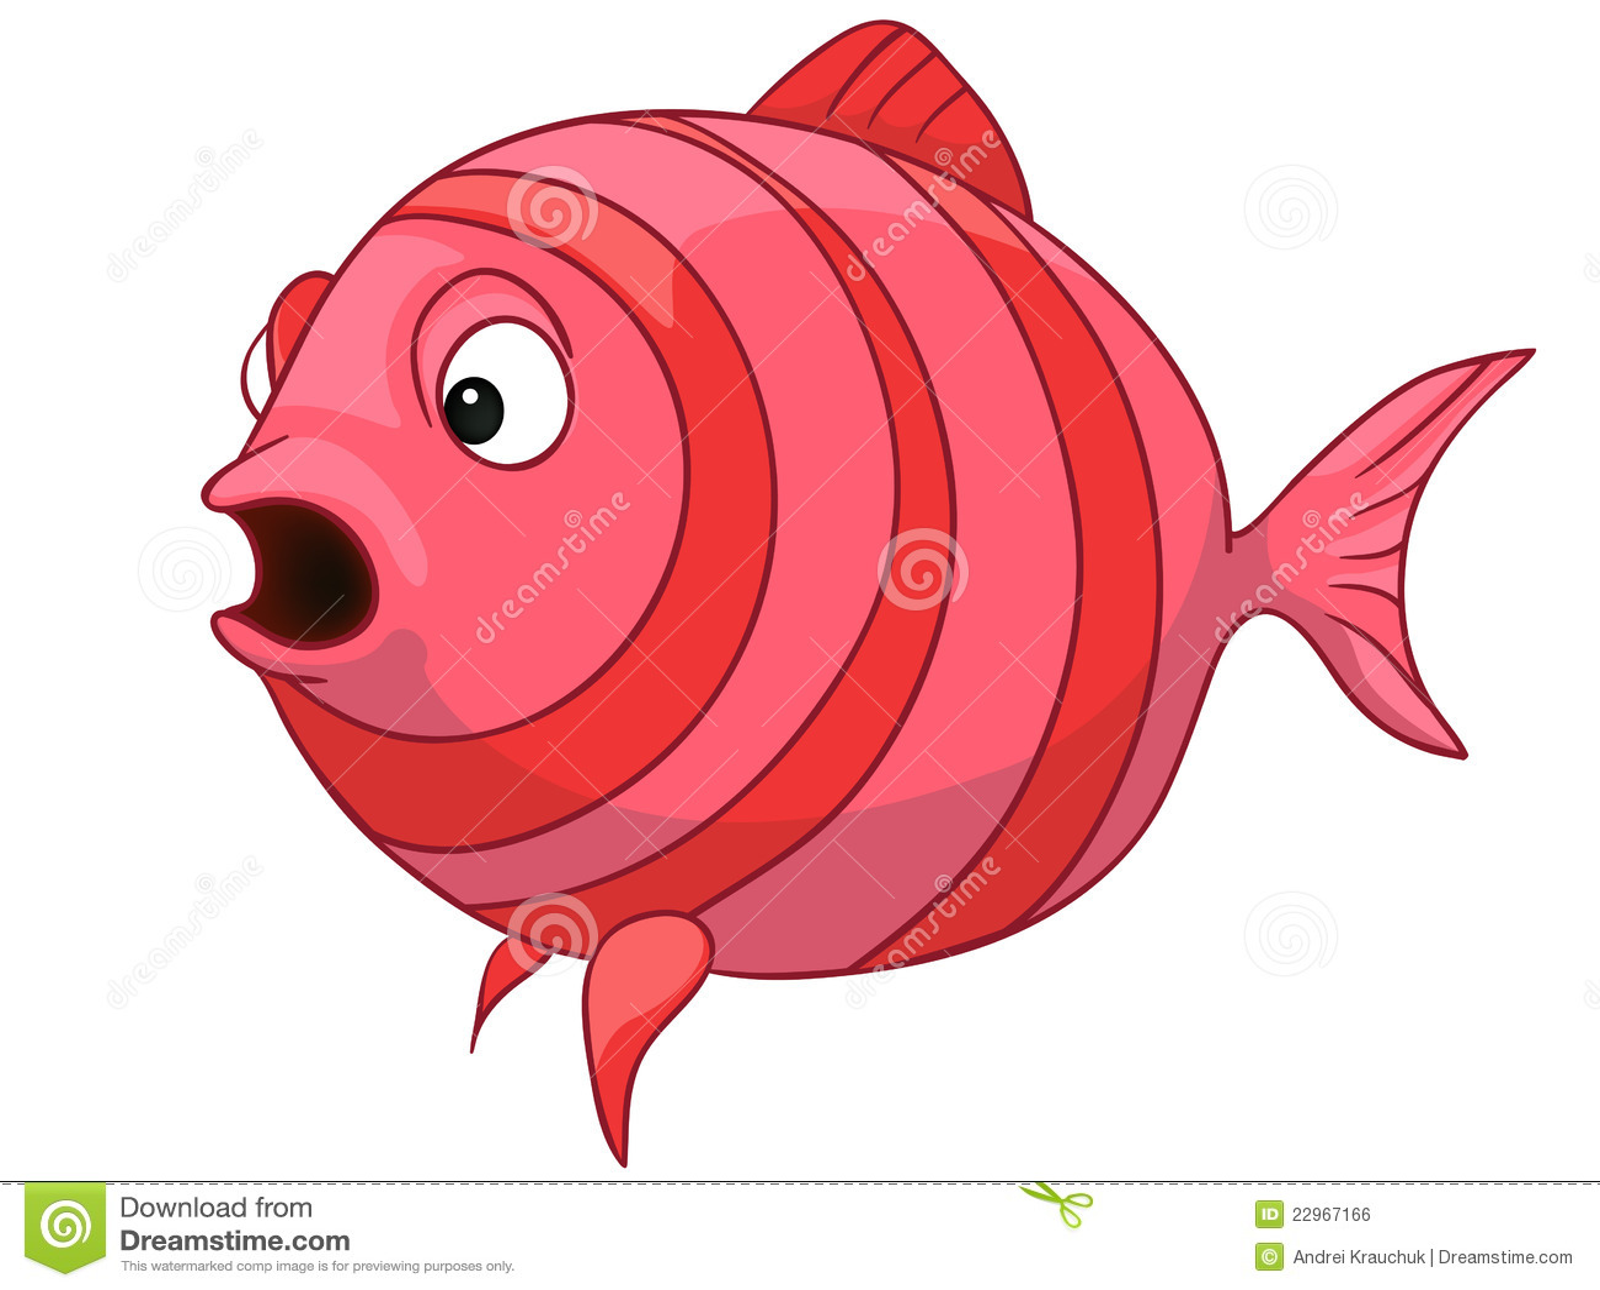 Cartoon Baby Fish